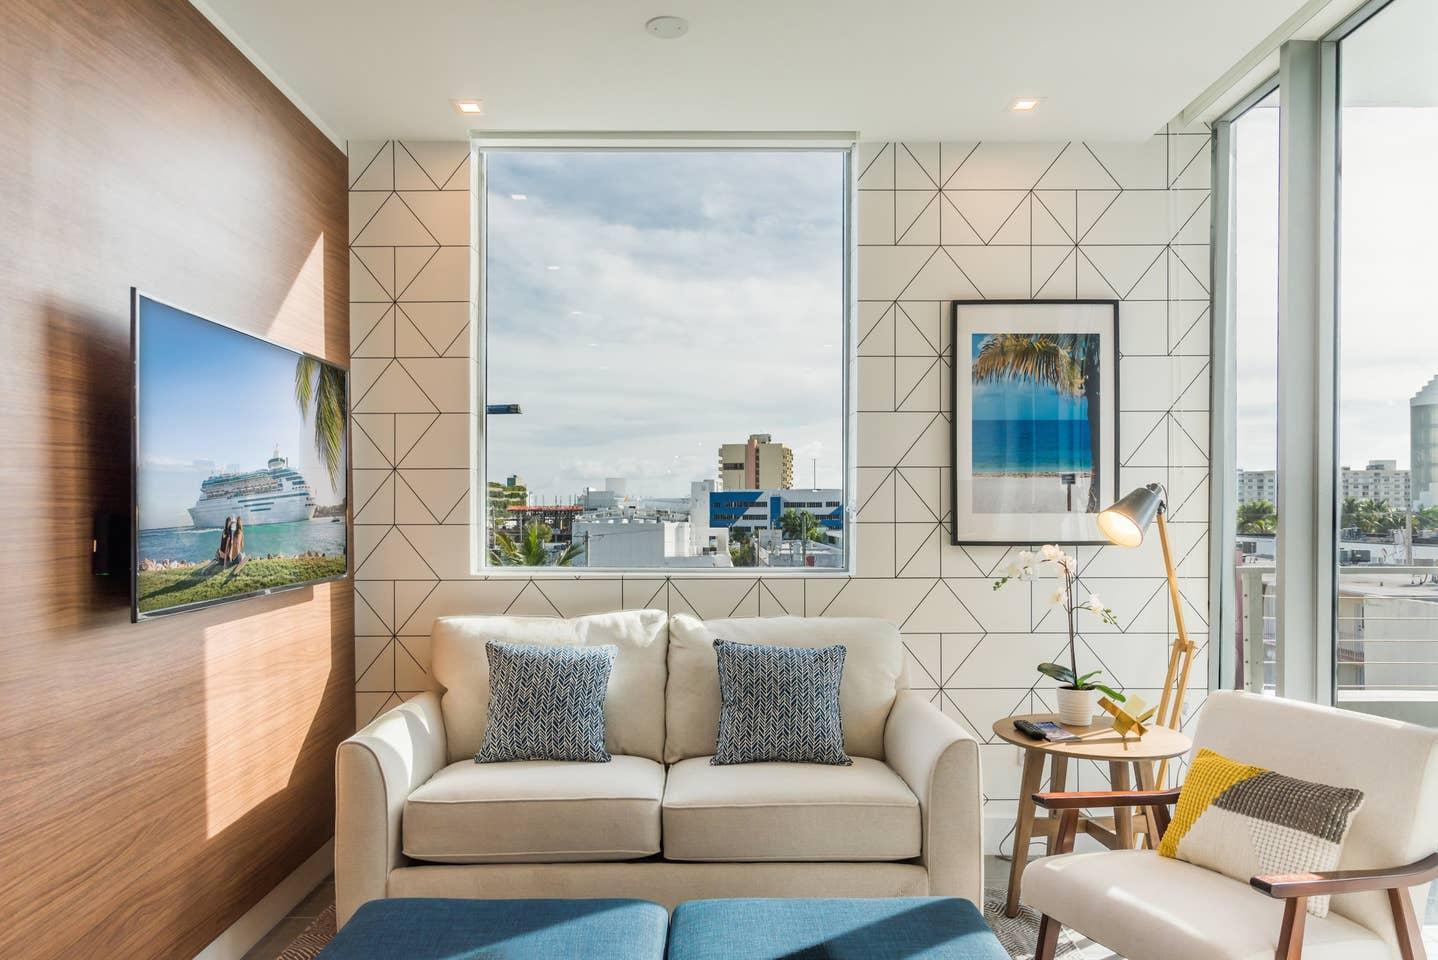 Luxury 2 bedroom apt in Miami Beach 4